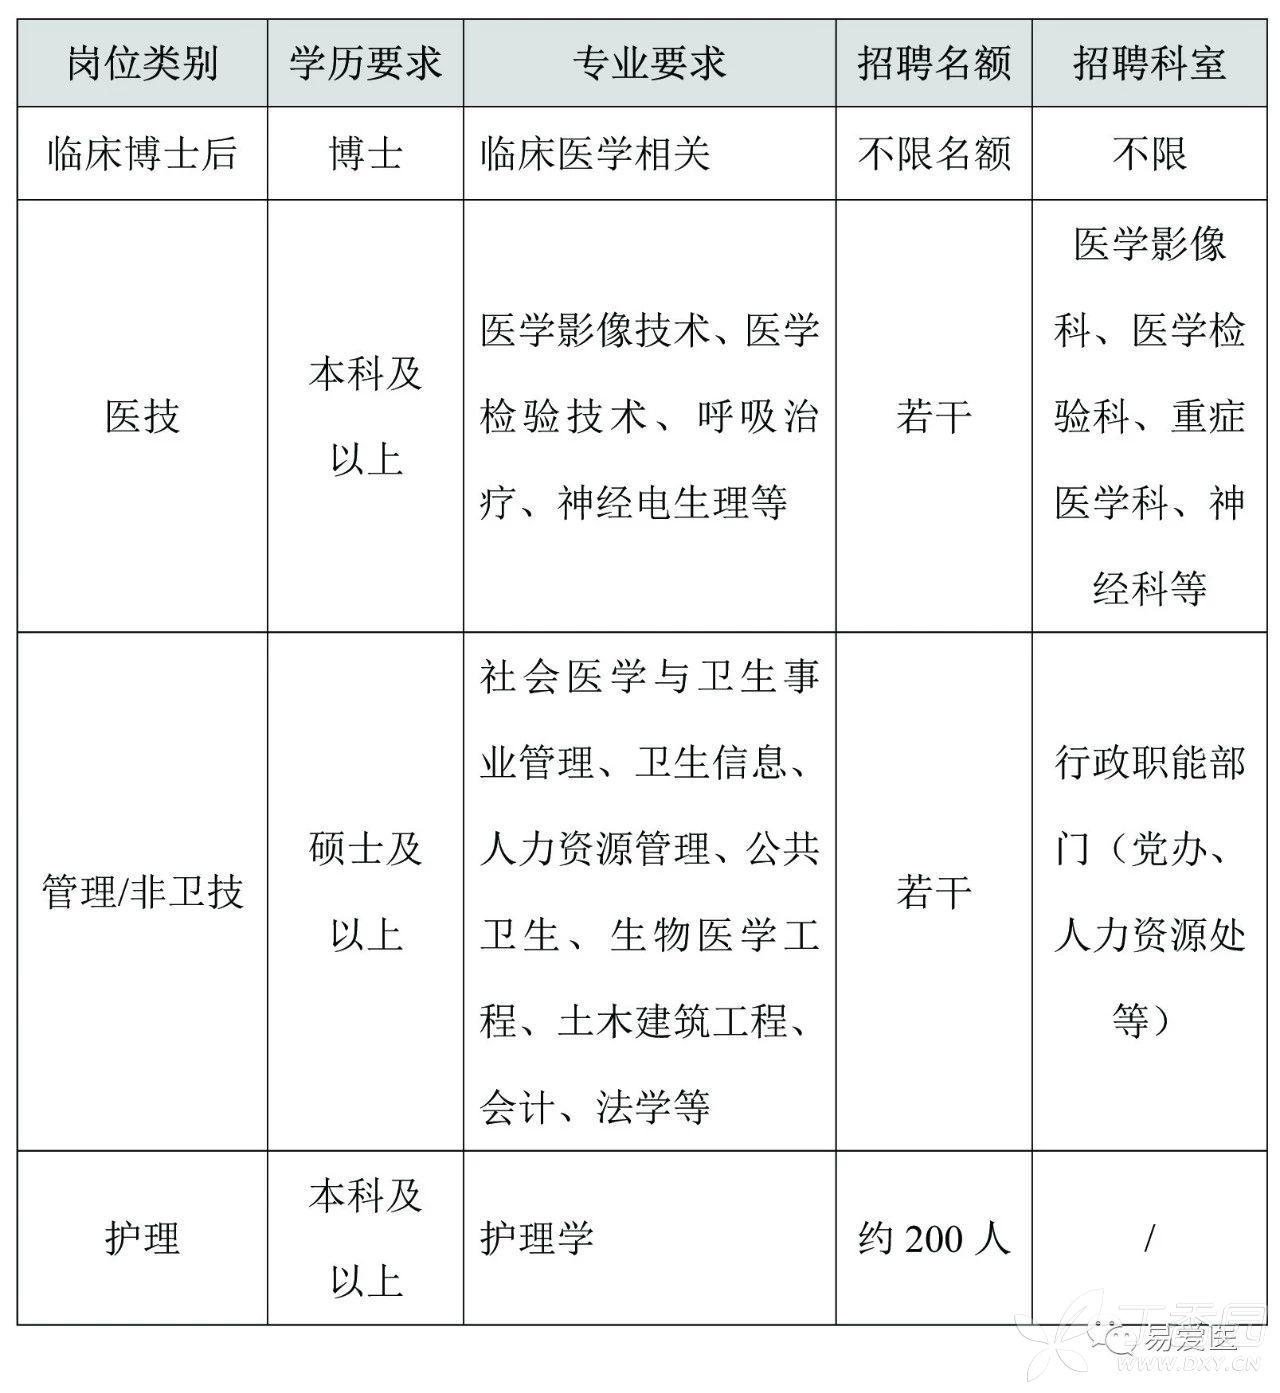 2019年中山大学考研考场安排公告